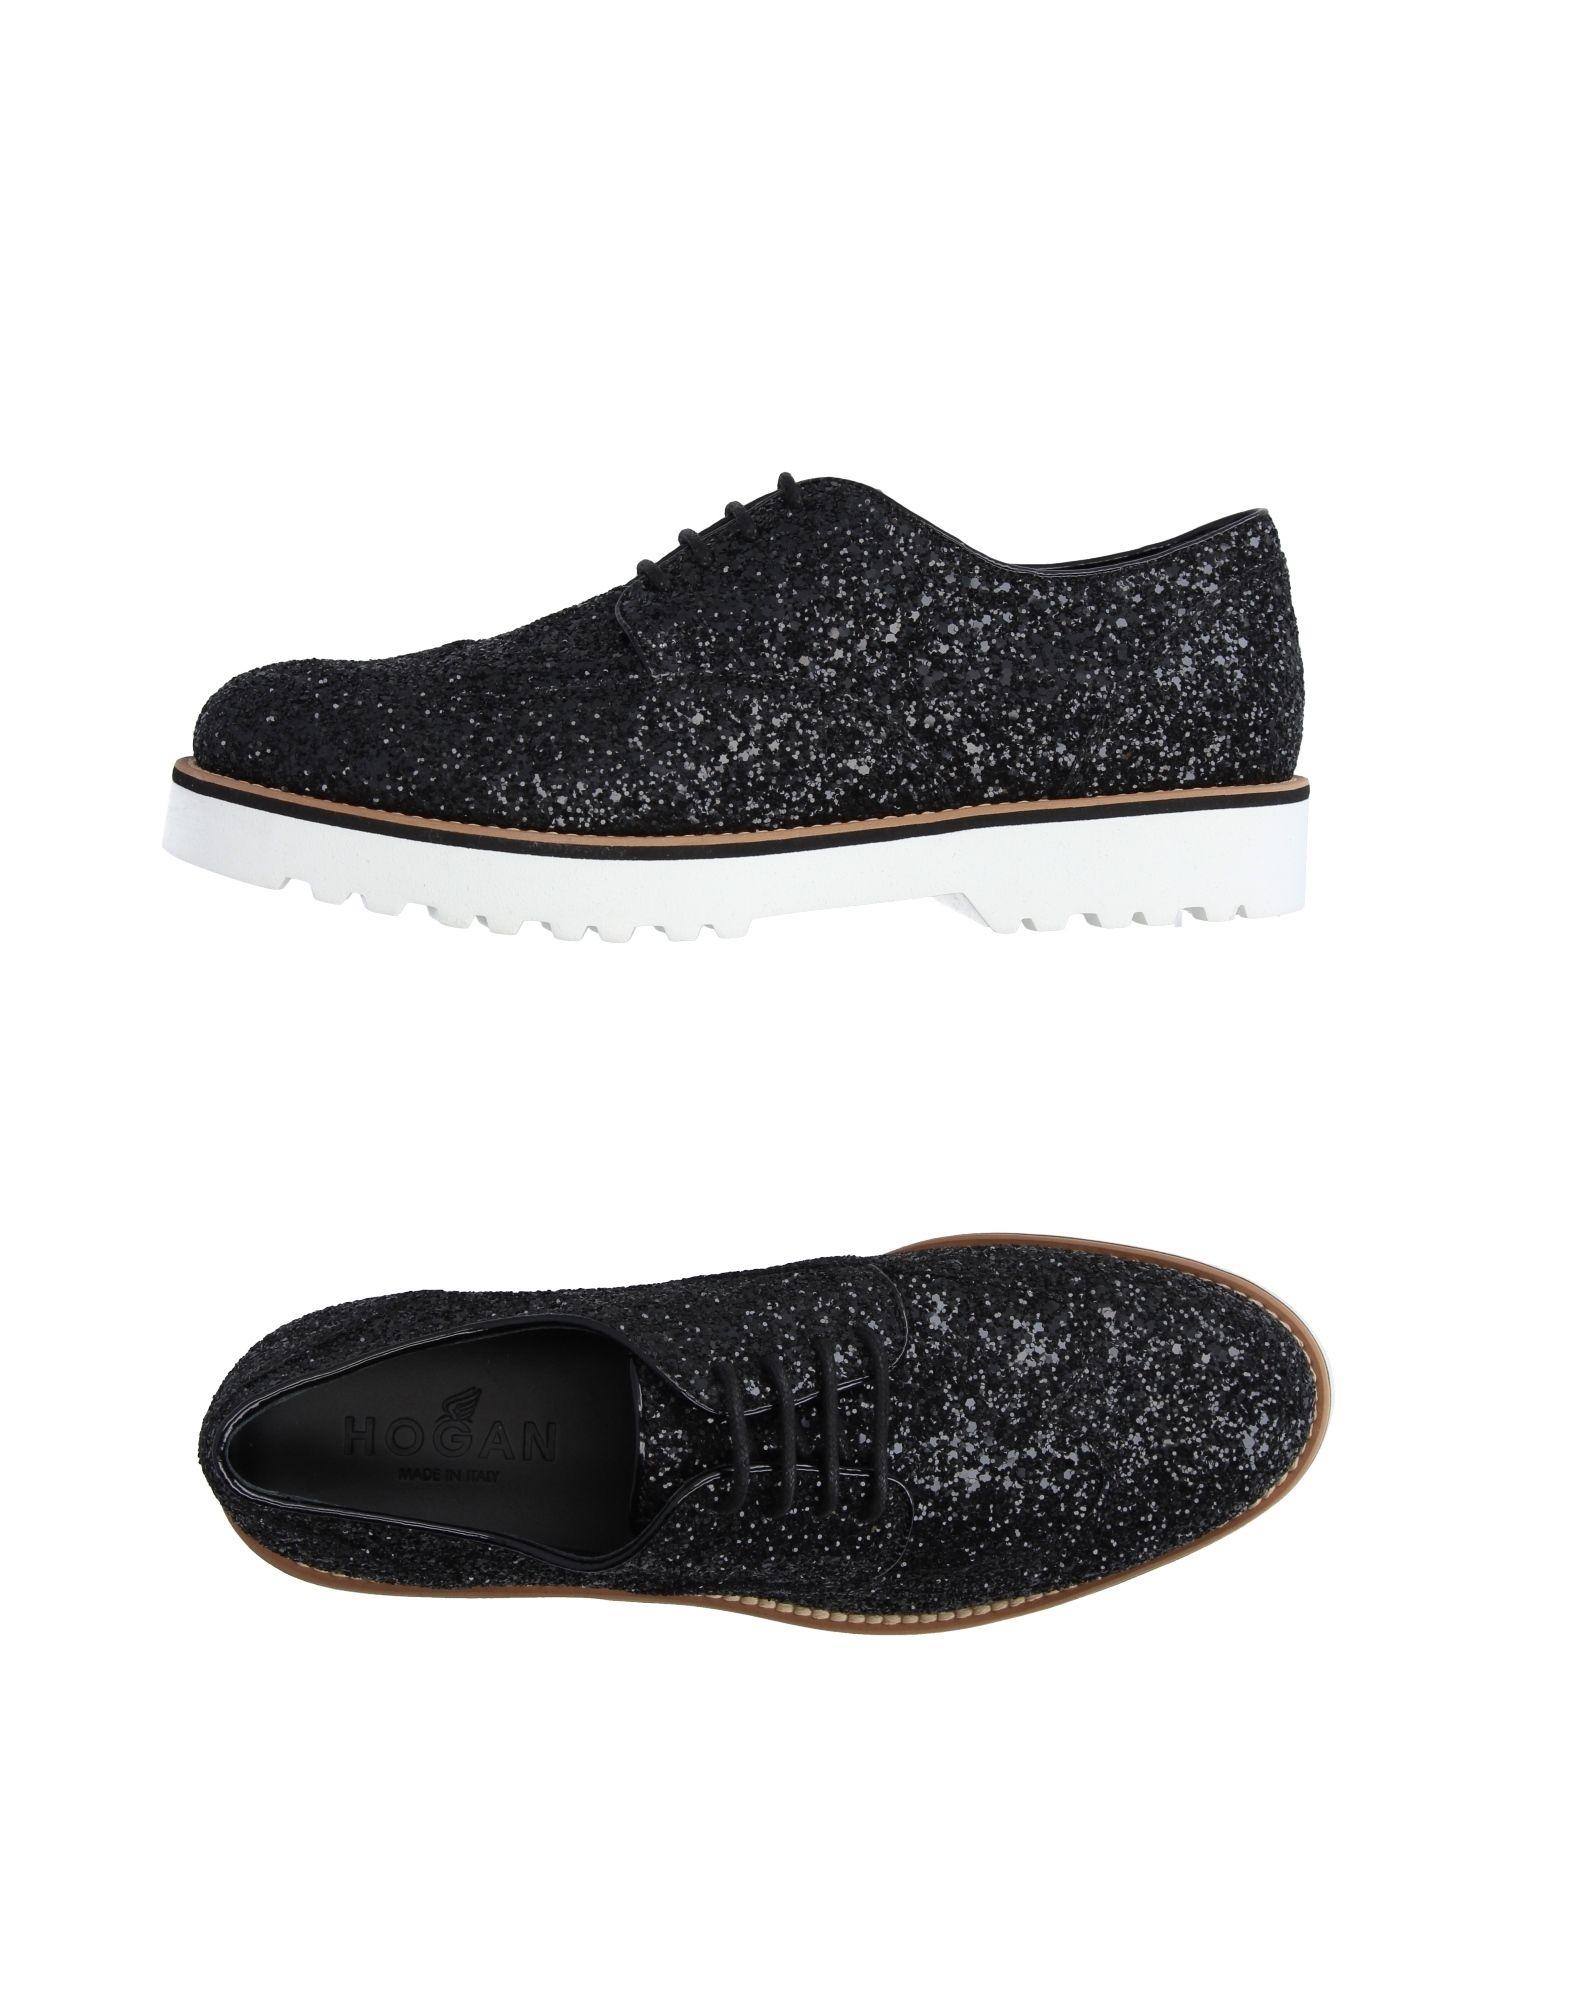 Hogan Schnürschuhe Damen  11229768LRGut aussehende strapazierfähige Schuhe